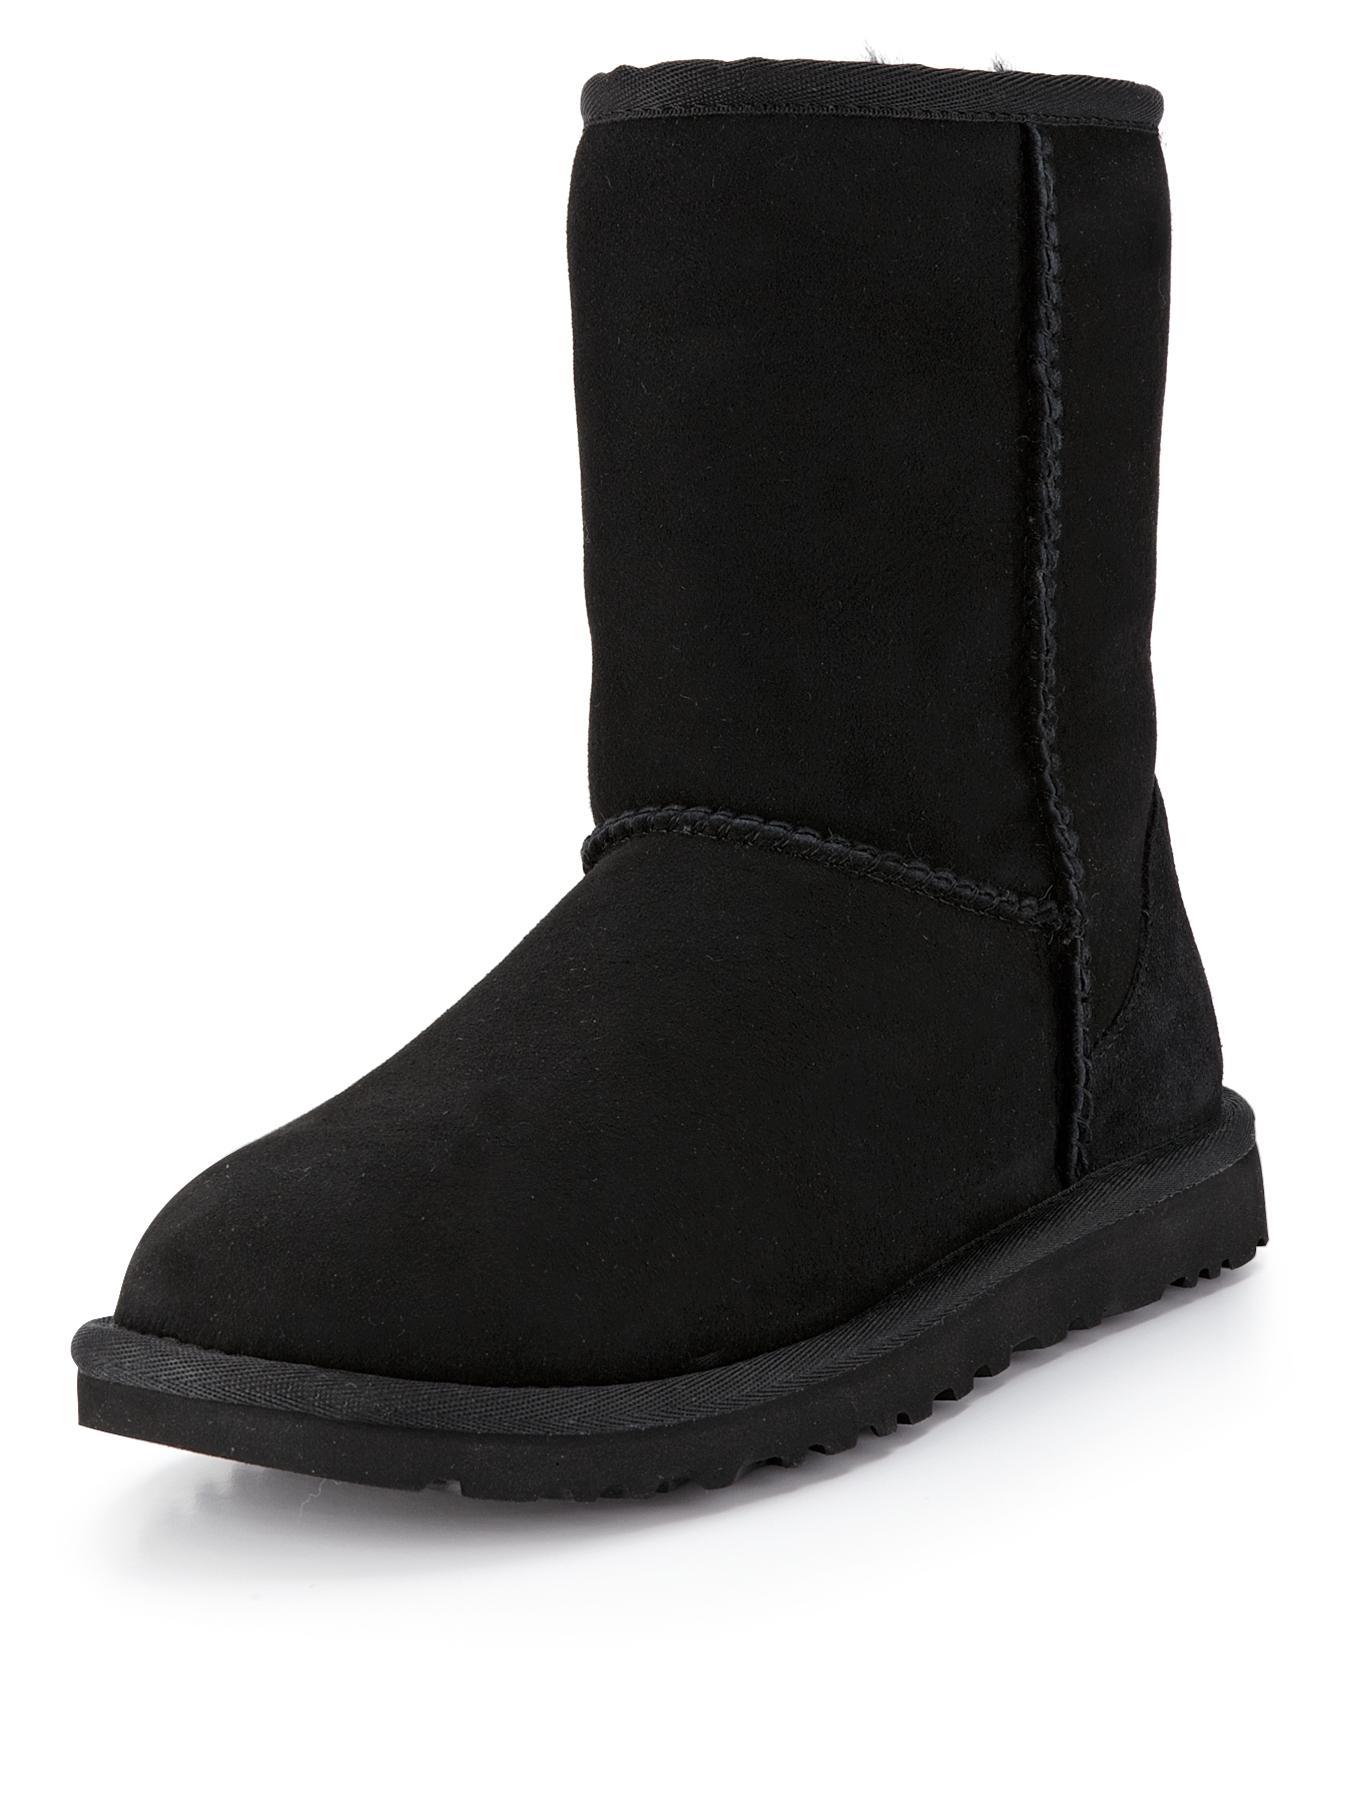 Classic Short Boots - Black, Black